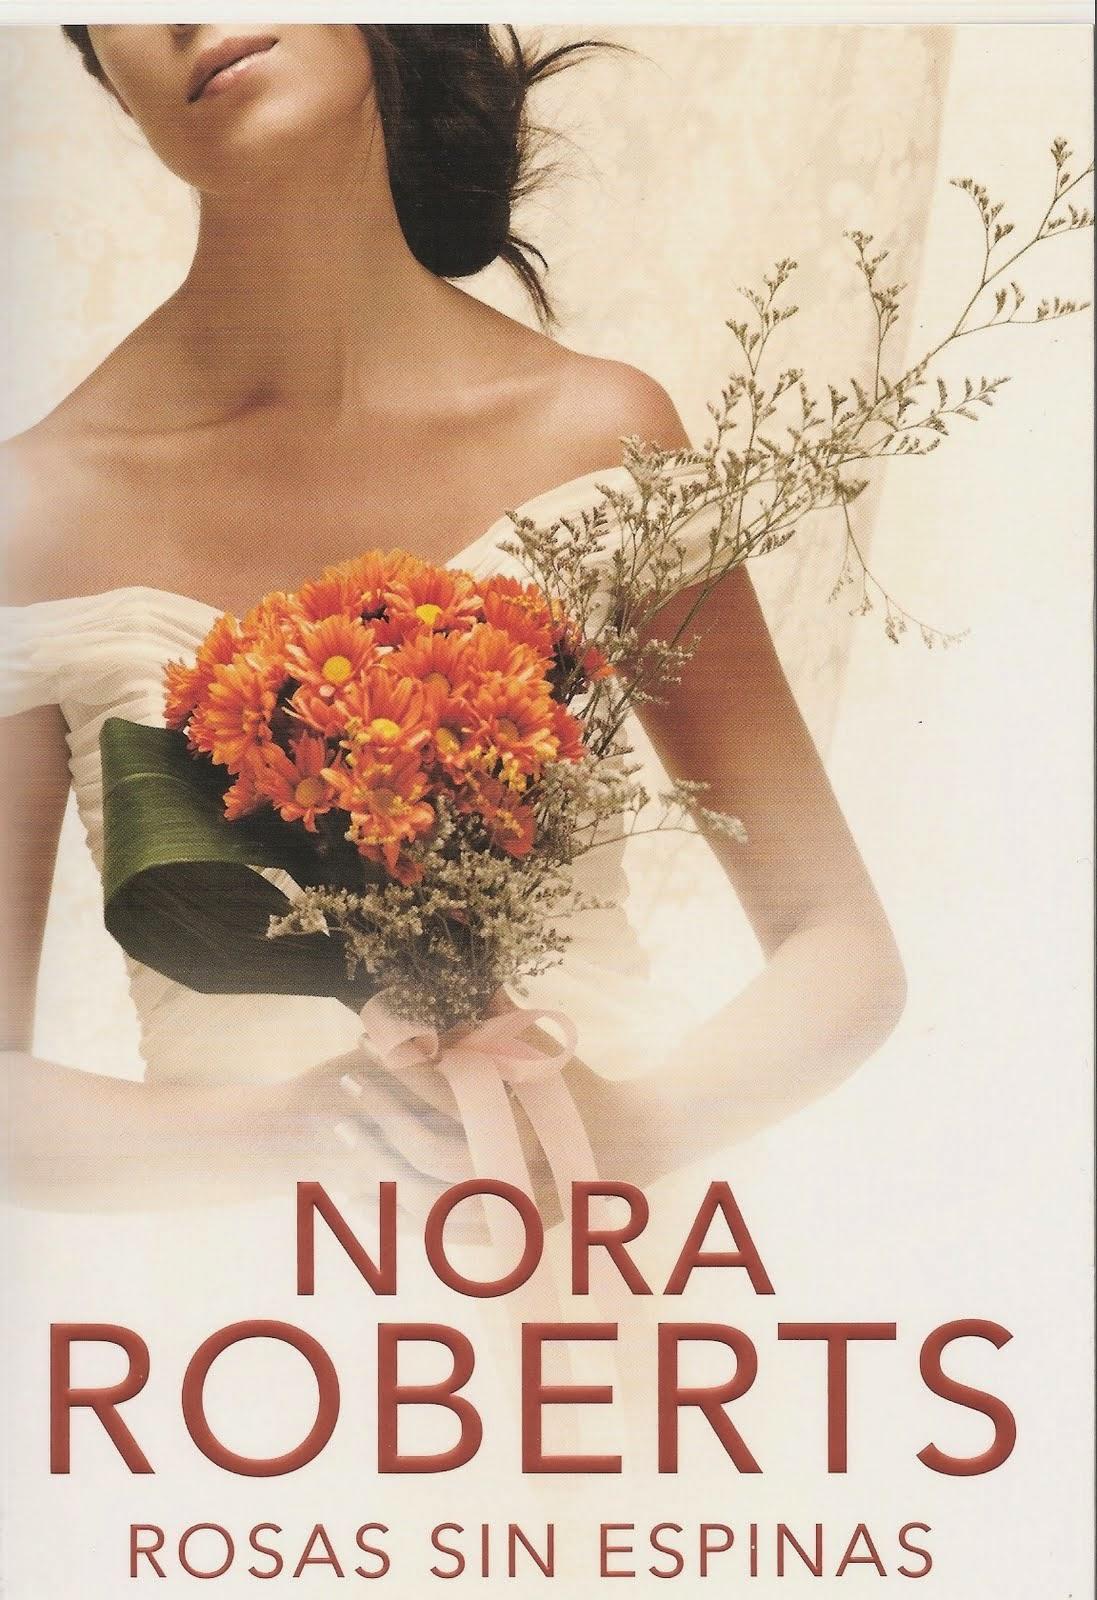 Imagenes De Rosas Con Espinas - Rosa con espinas Flores imágenes para wallpapers